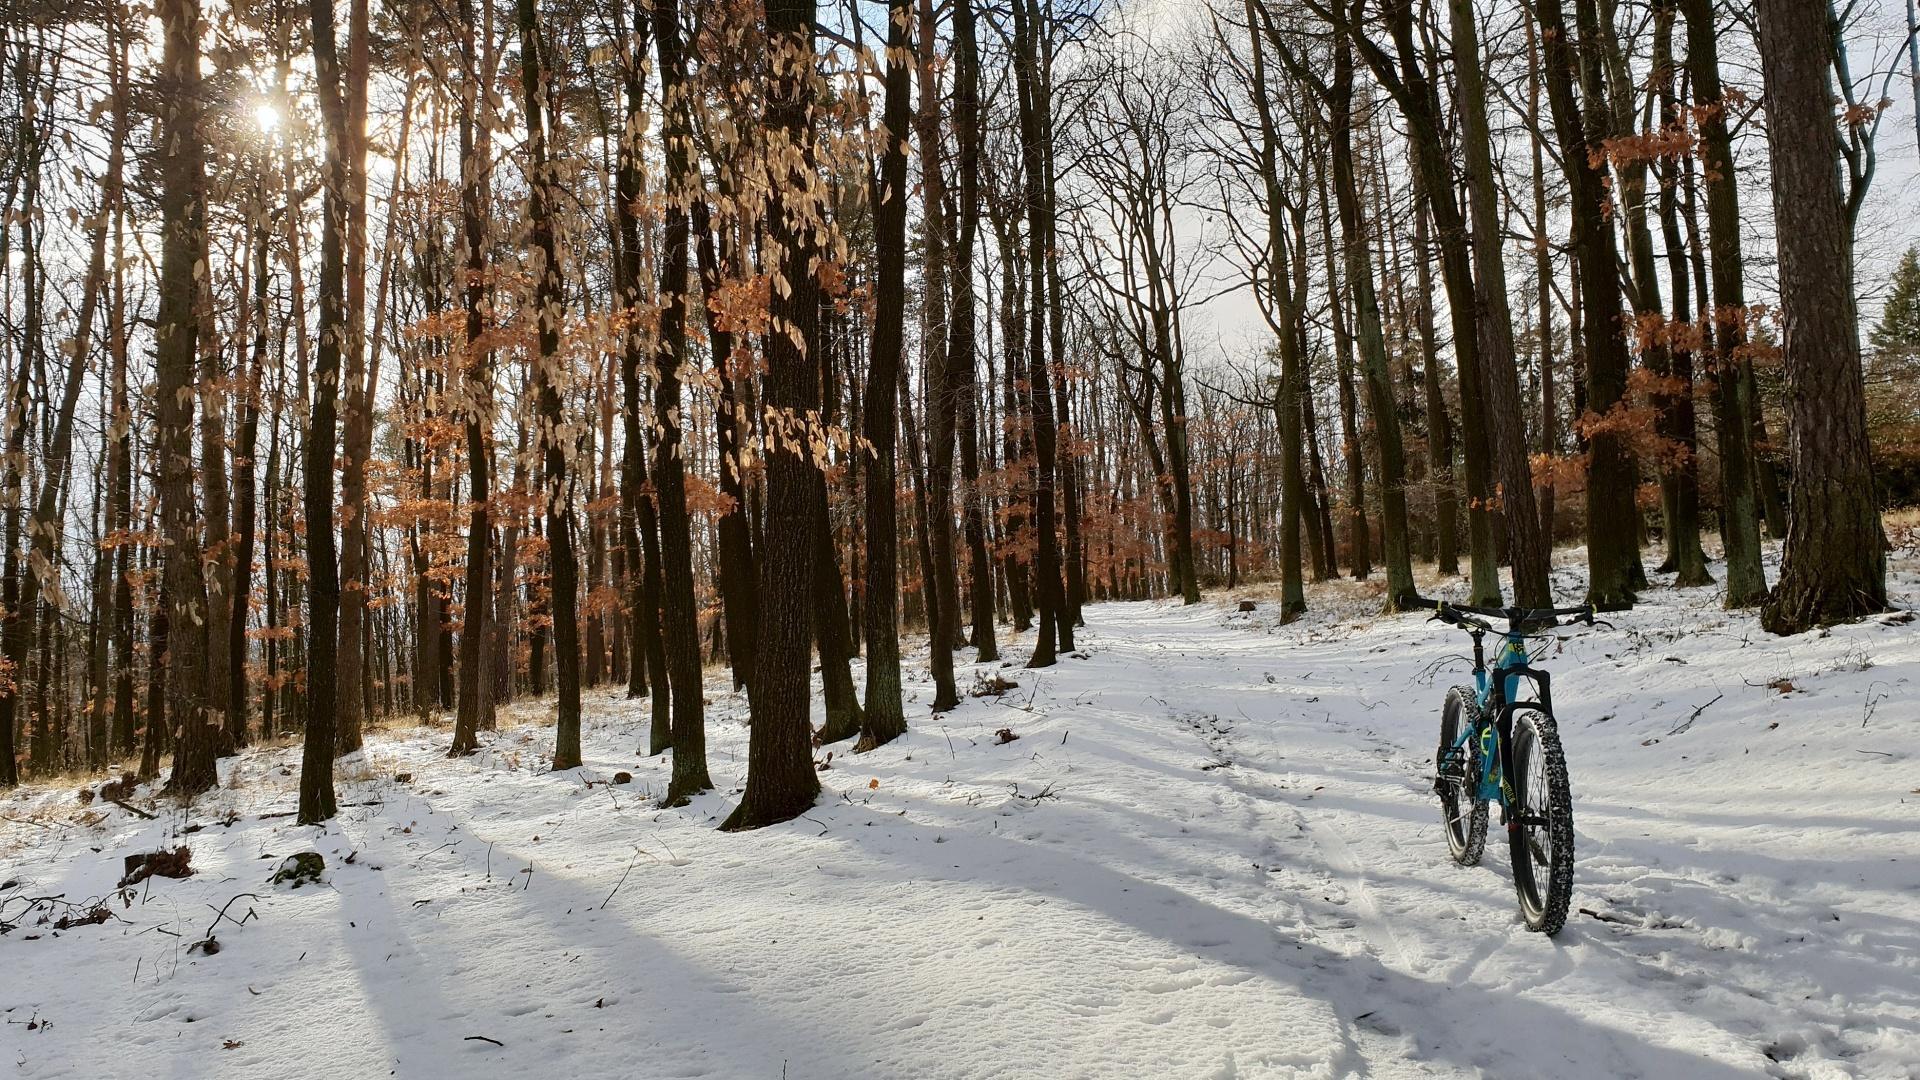 Na kole je i v zimě krásně! Zazimovat ho by byla škoda